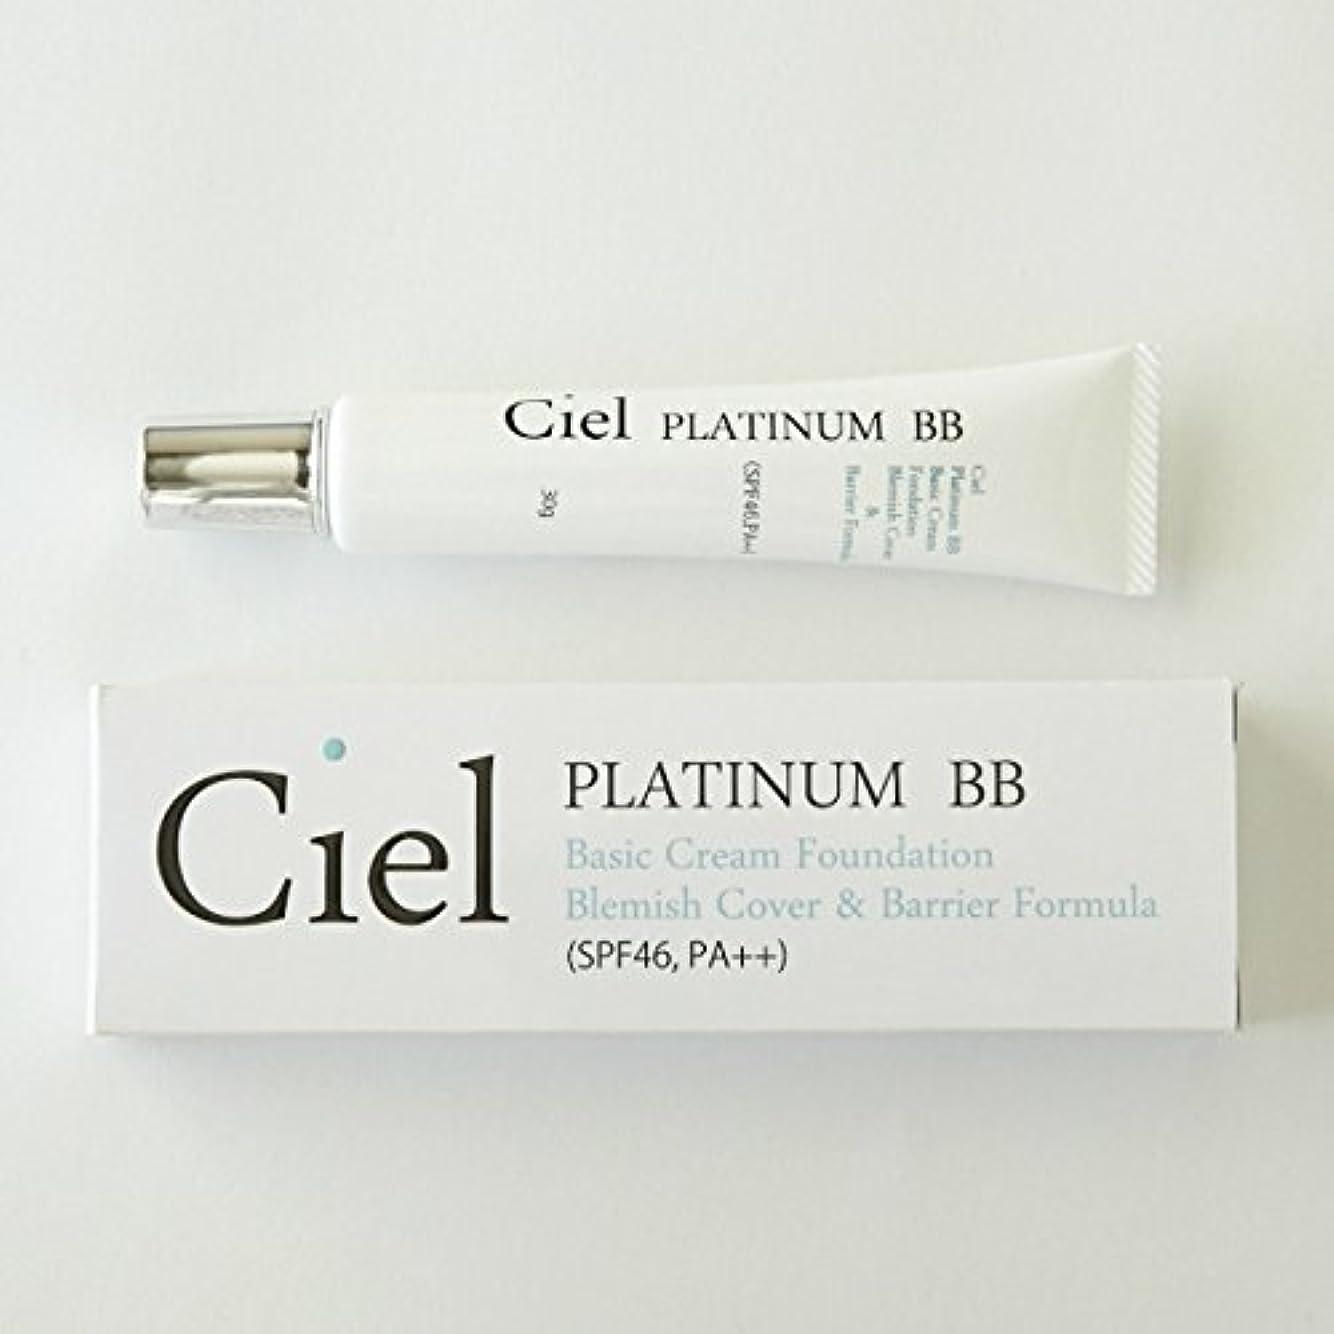 Ciel Salon de Beaute Ciel PLATINUM BB SPF46 BBクリーム ファンデーション 日本製 日焼け止め